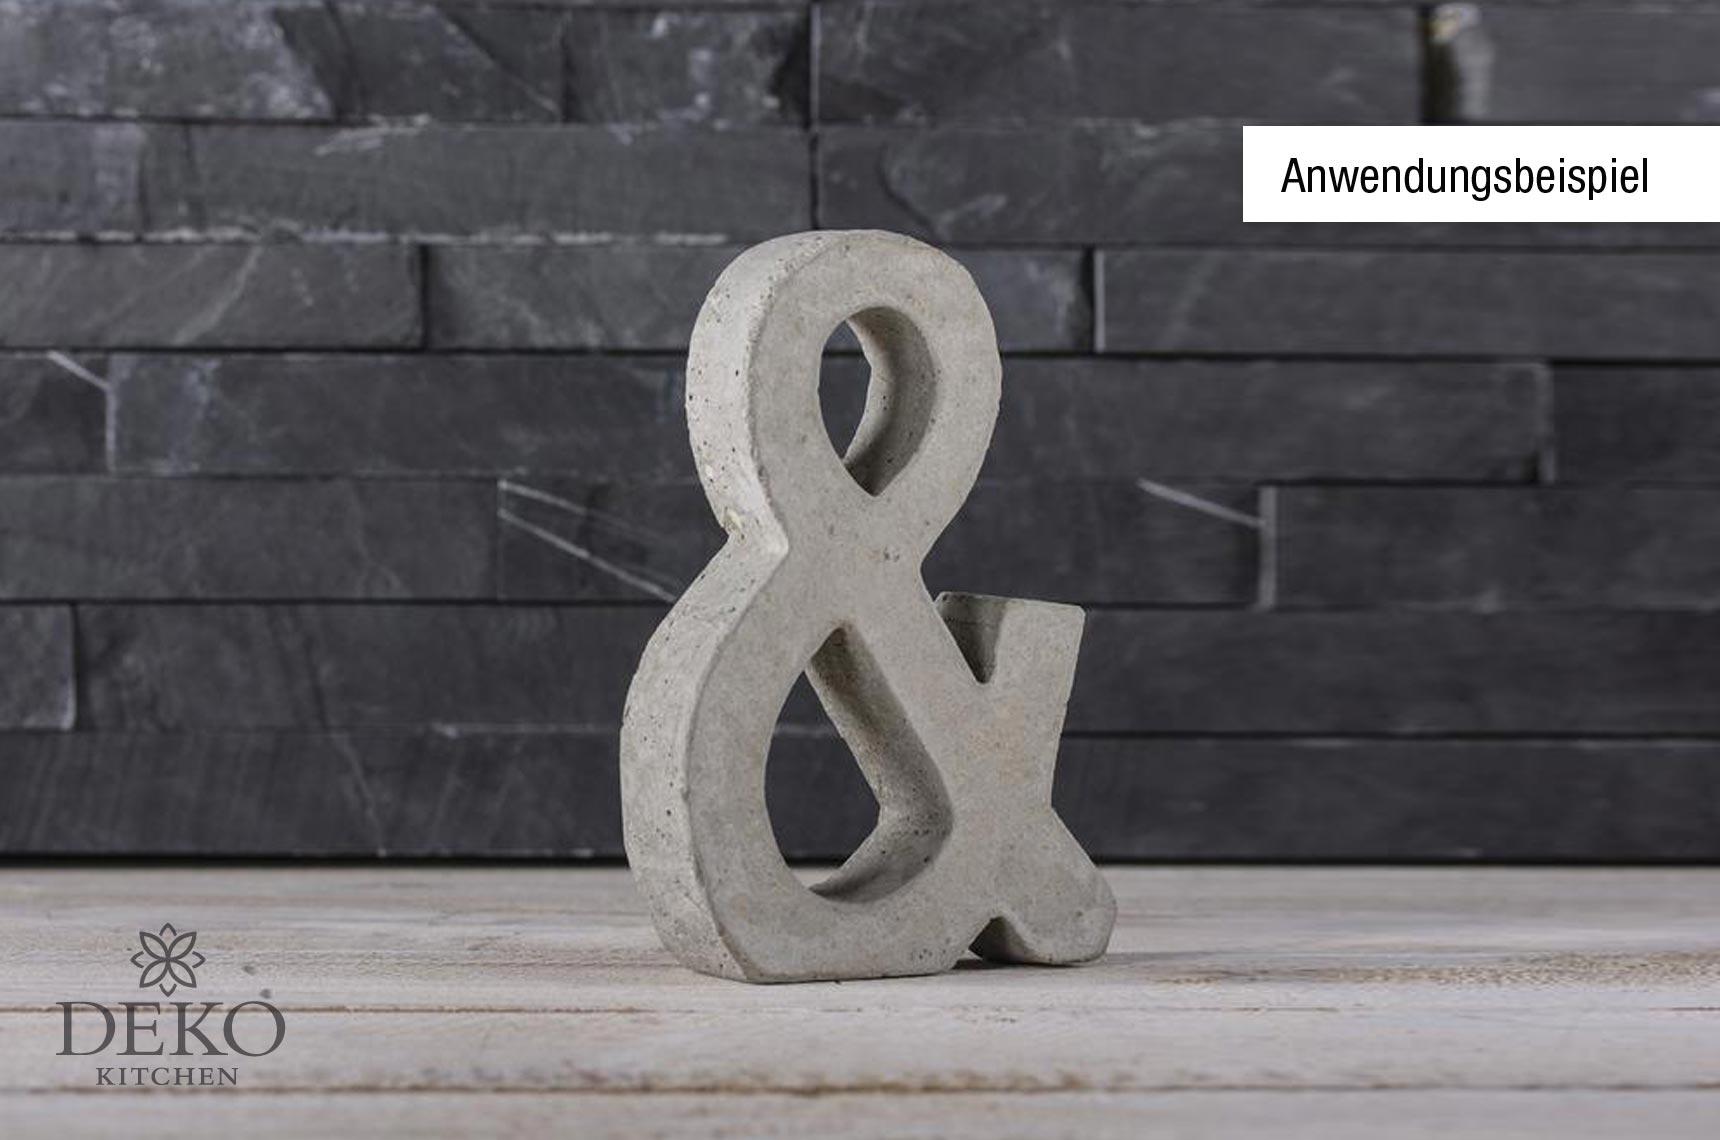 kreativ beton 1 kg deko kitchen shop. Black Bedroom Furniture Sets. Home Design Ideas